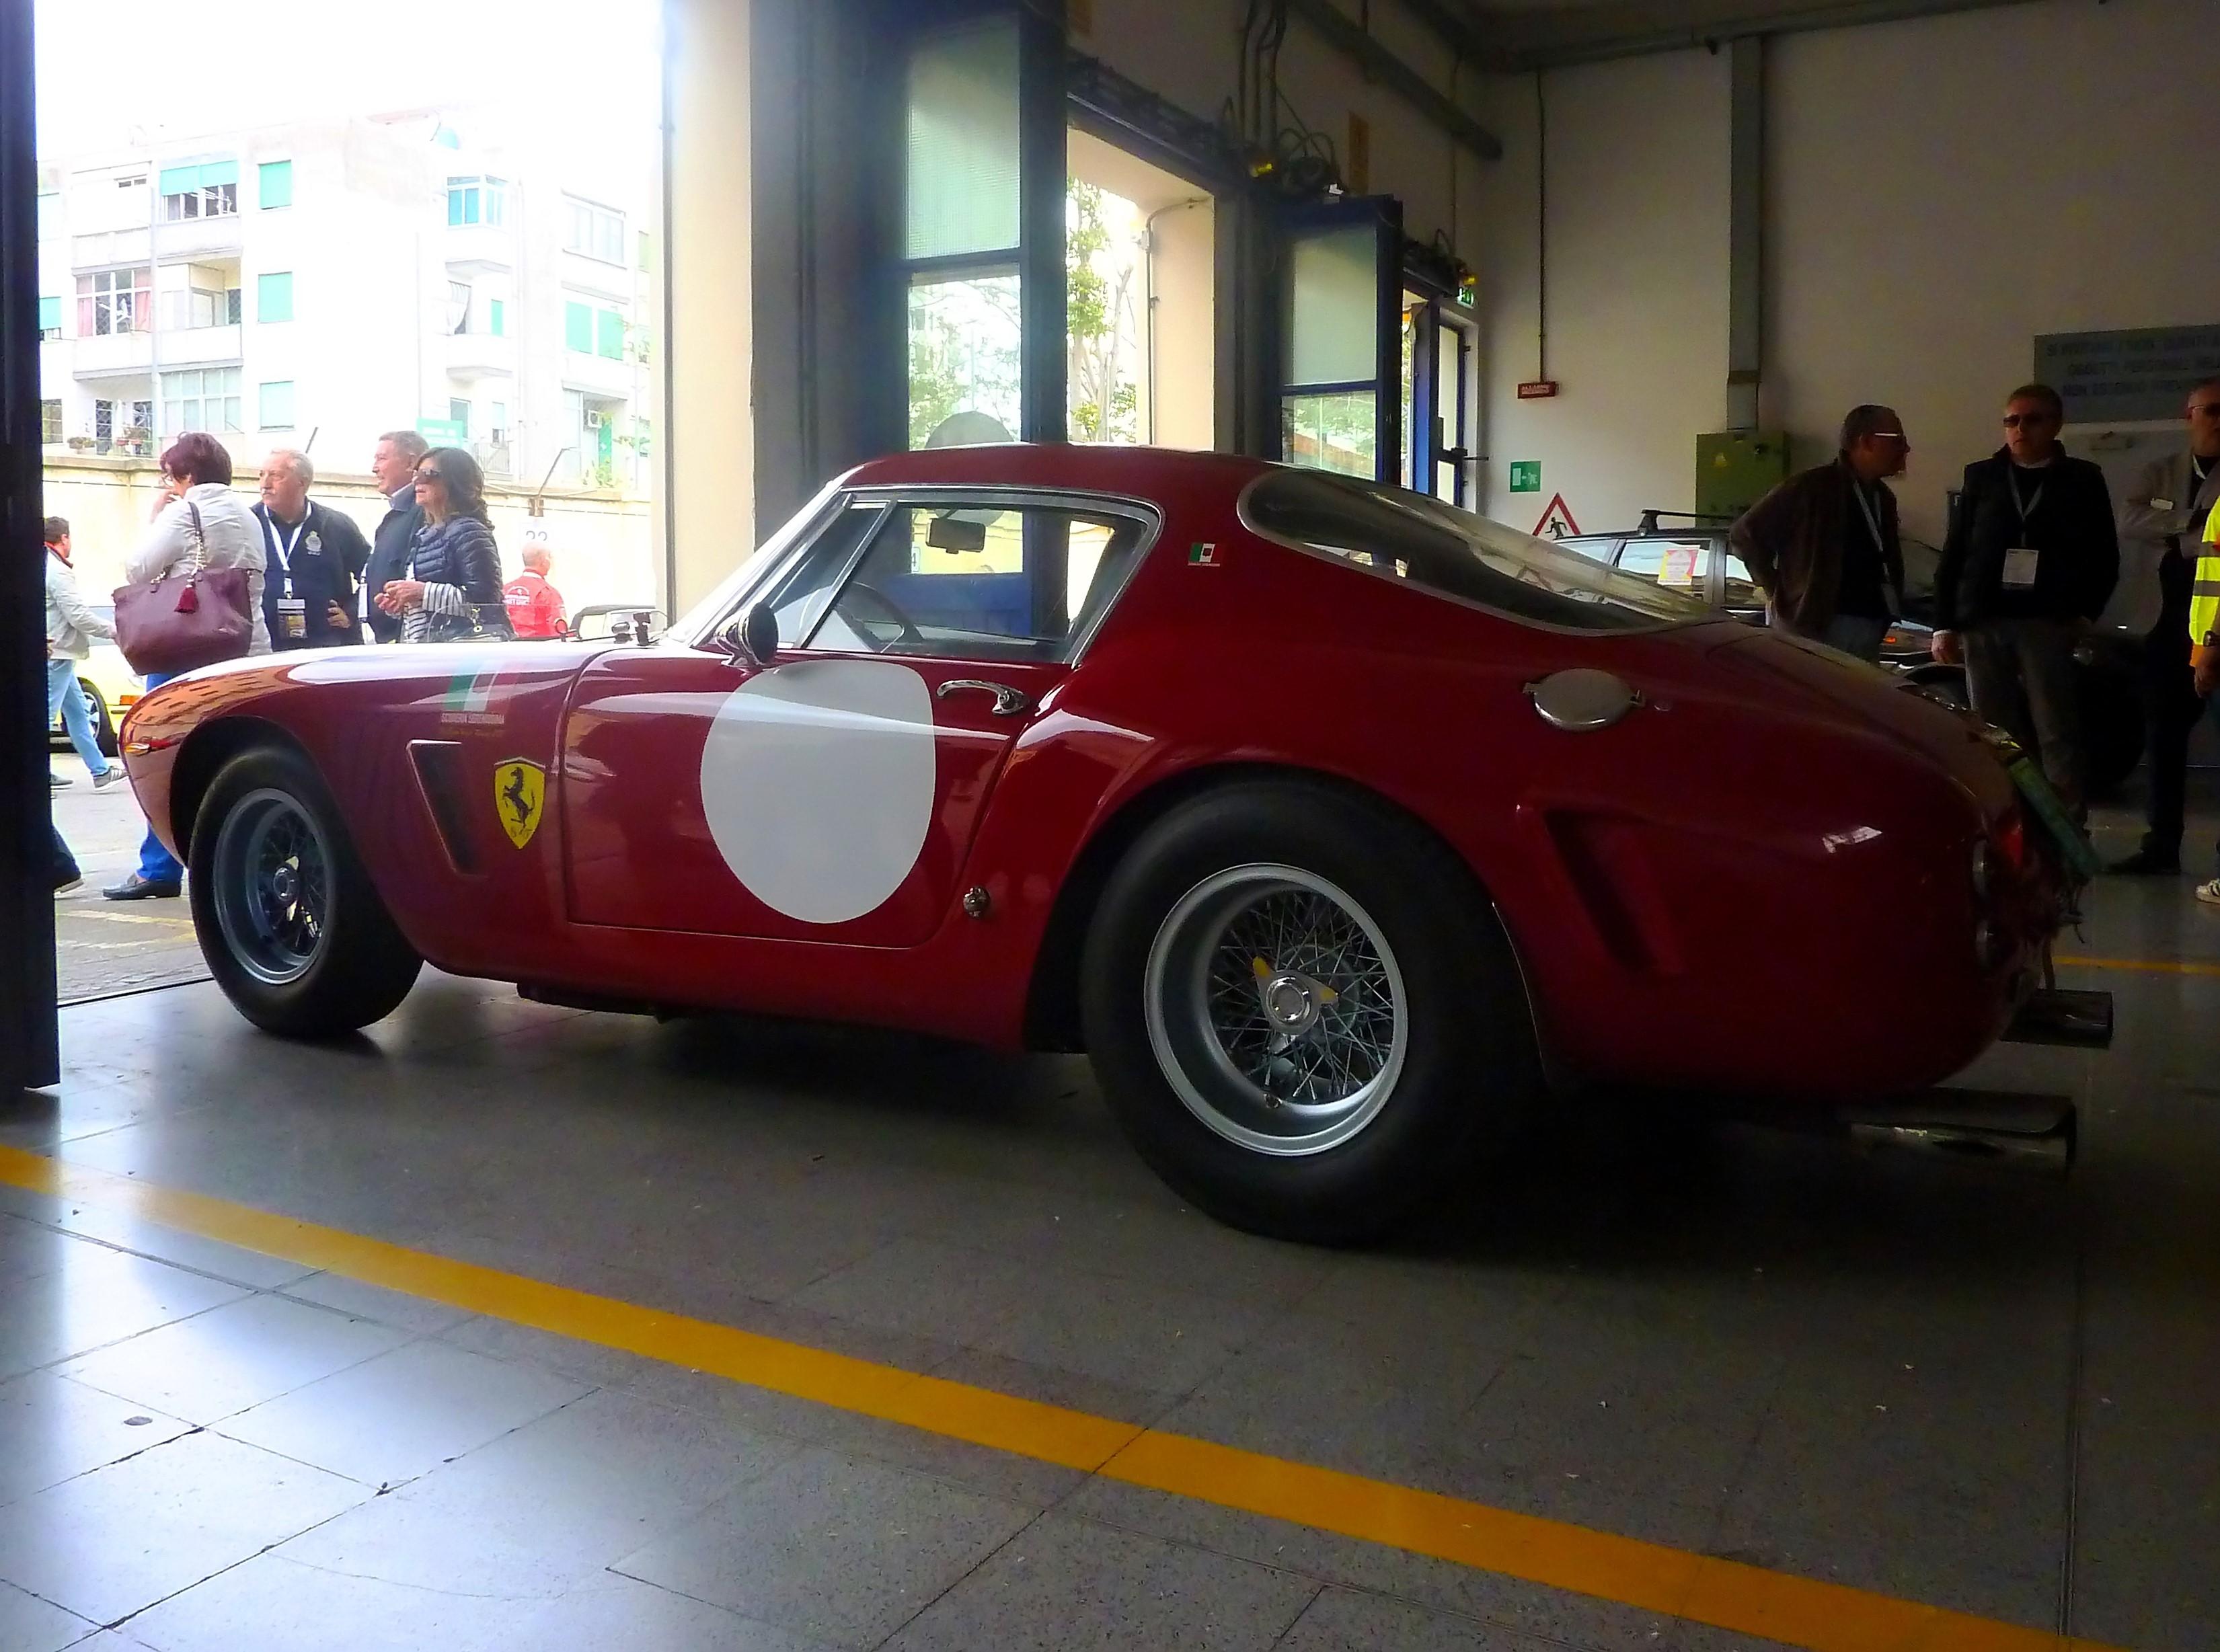 1961 Ferrari 250 GT SWB #2701 (85)_filtered